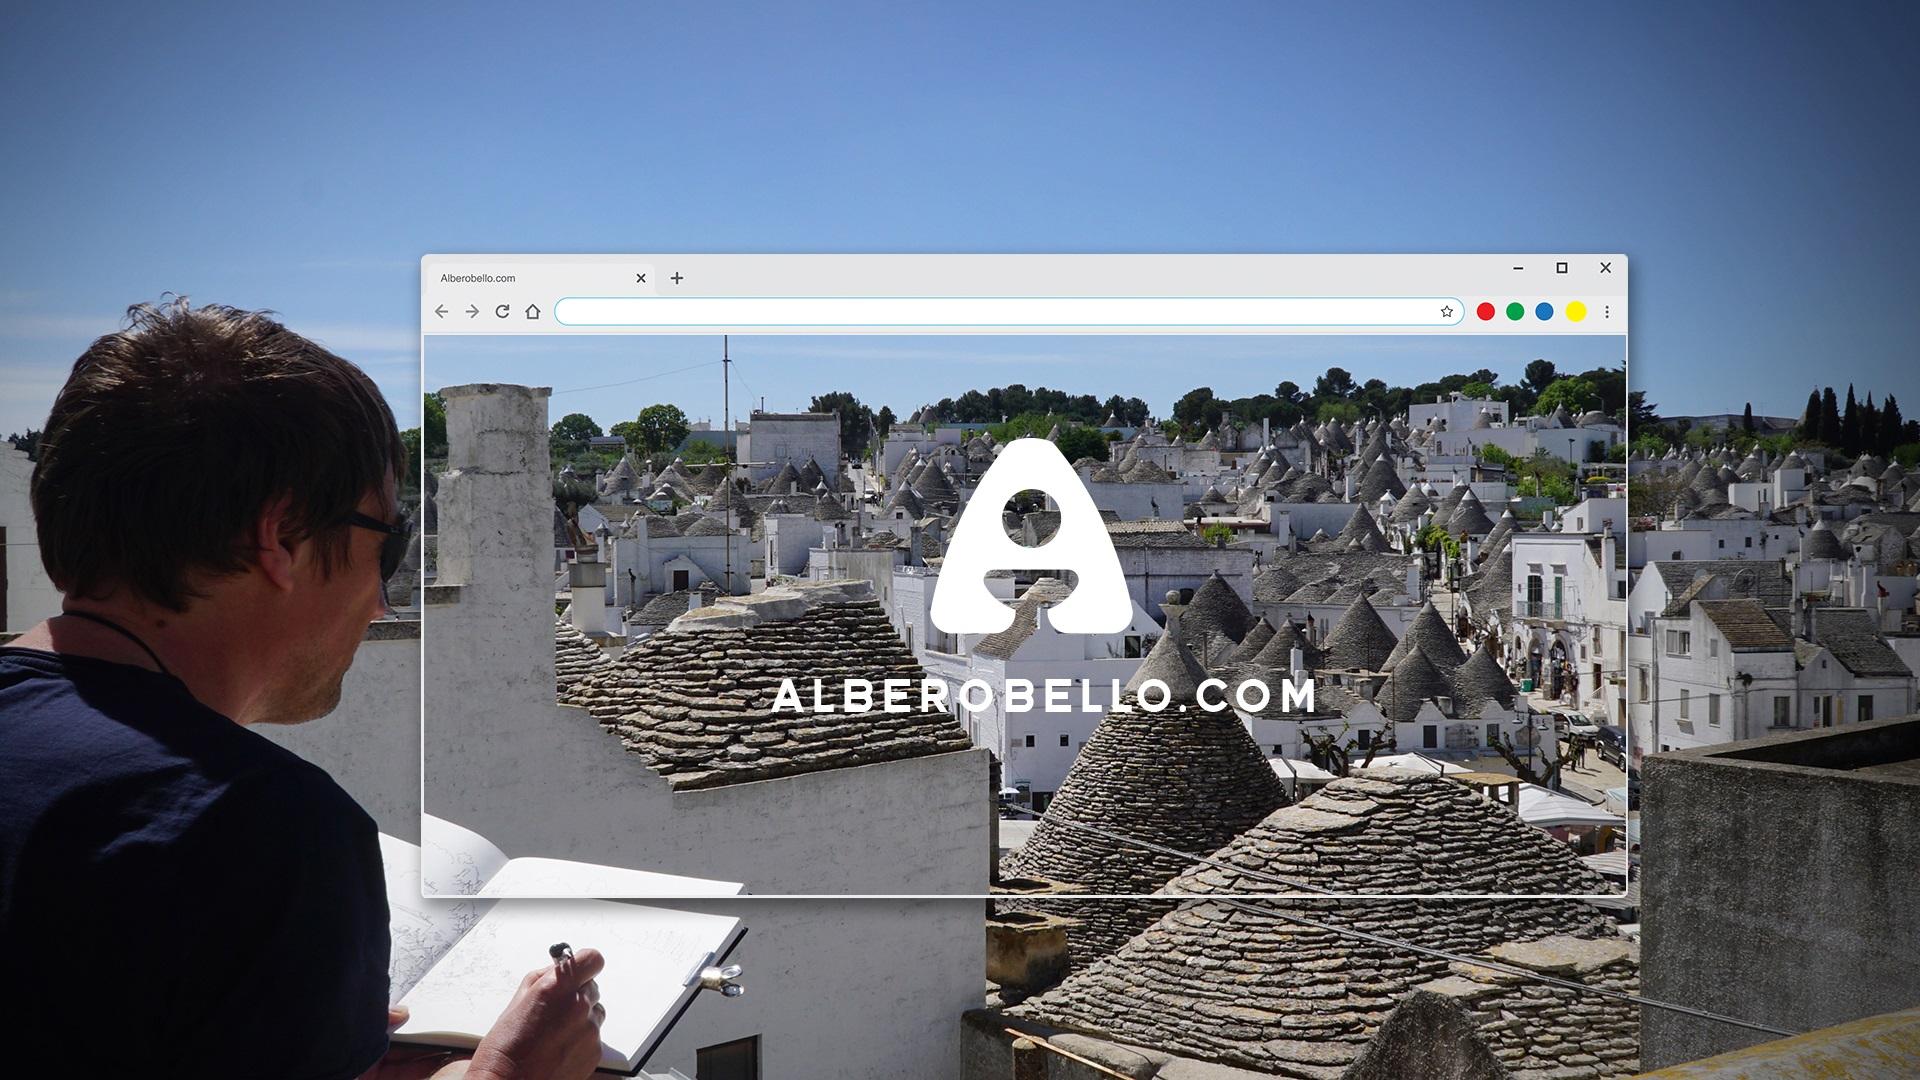 Alberobello.com